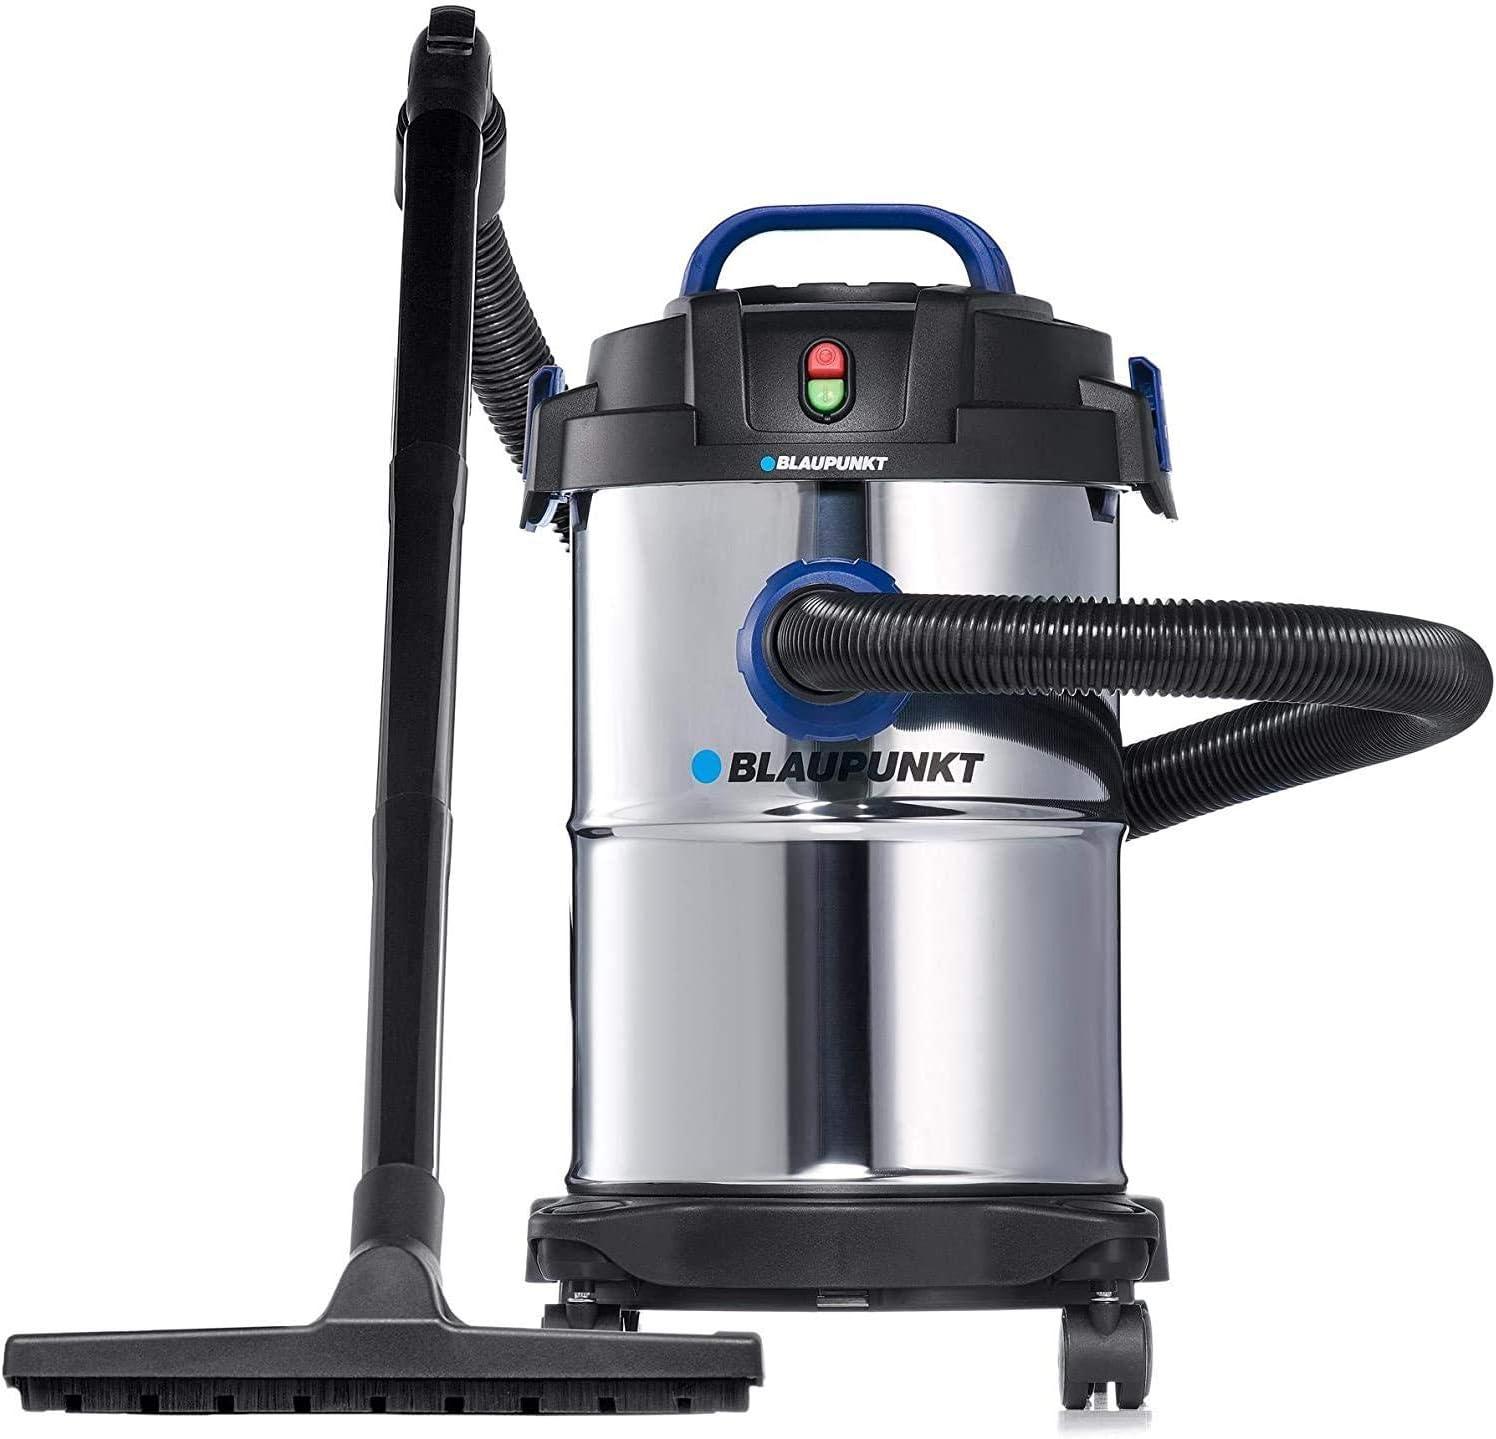 Blaupunkt WD5000 Aspiradora Industrial de Líquidos y Secos con Soplador 3 en 1 - Motor Eléctrico de 1300W - Tanque de Acero Inoxidable de 15 litros: Amazon.es: Bricolaje y herramientas